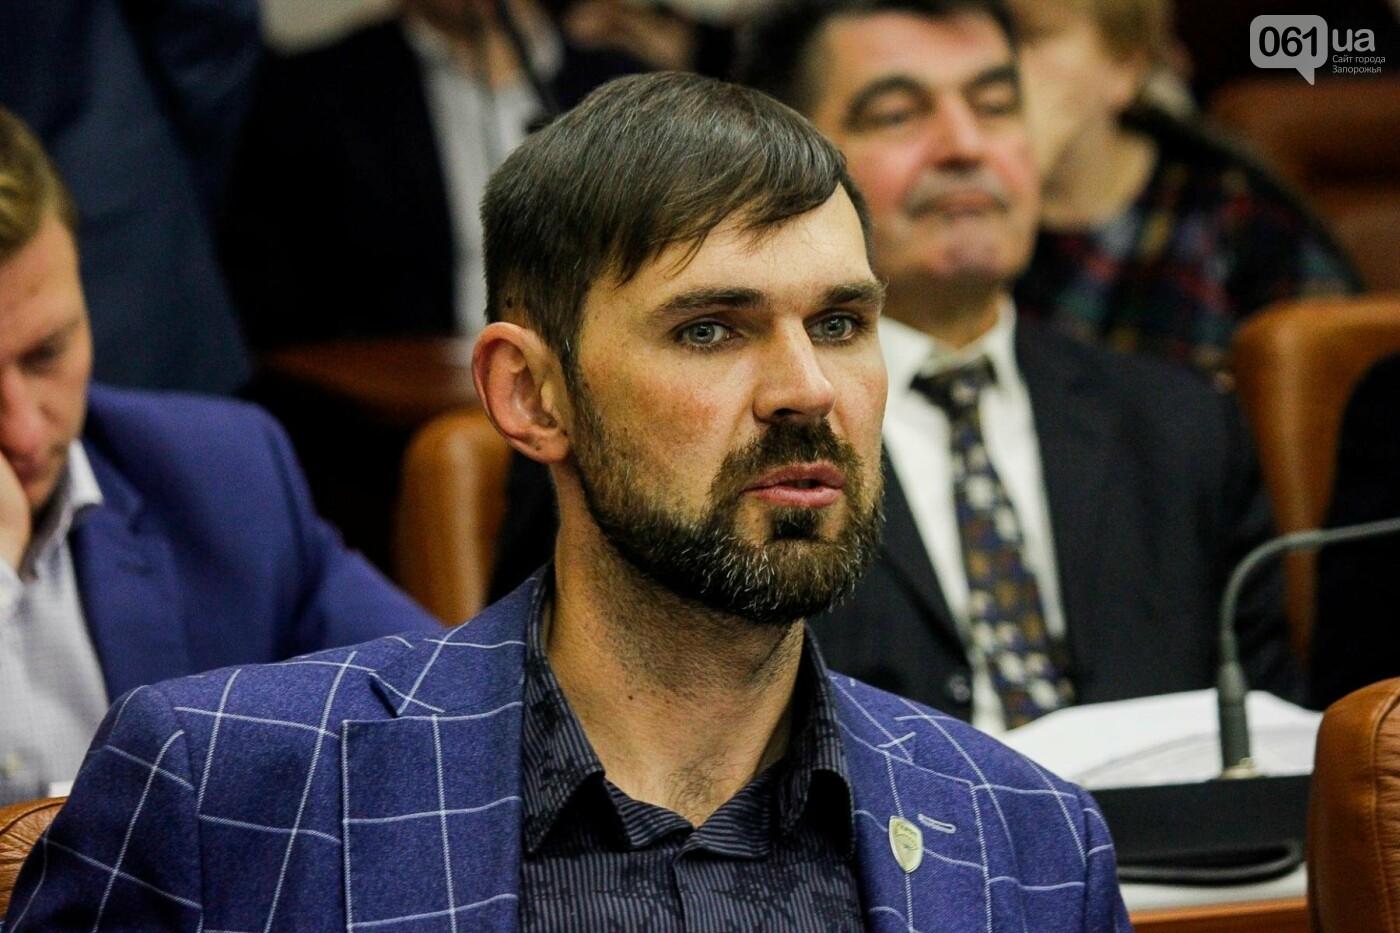 Сессия запорожского горсовета в 55 фотографиях, - ФОТОРЕПОРТАЖ, фото-11